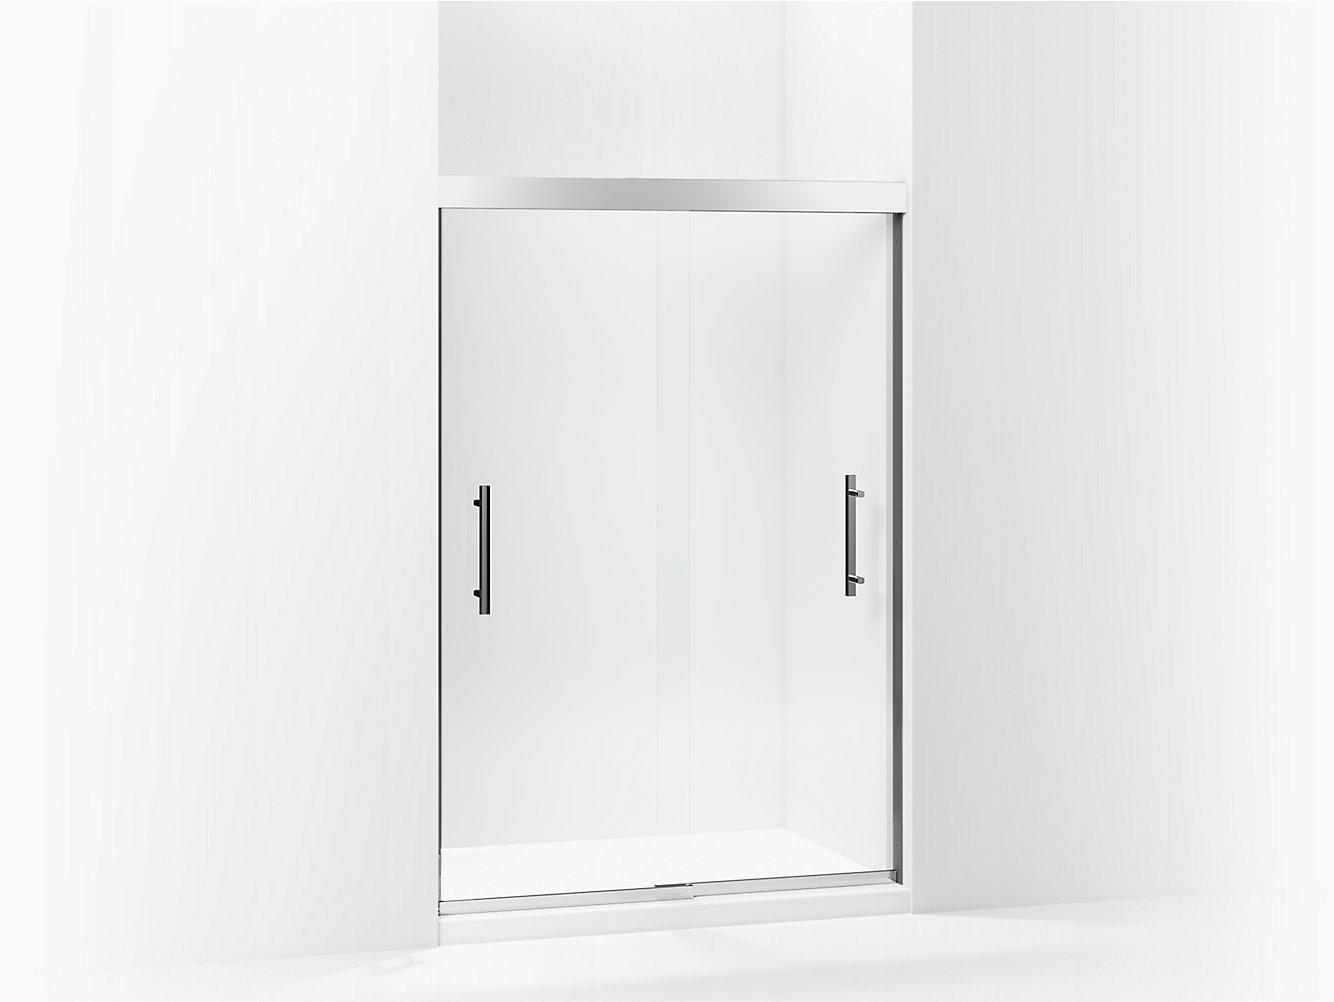 Finesse Peak Frameless Sliding Shower Door 44 5847 58 W X 70 1